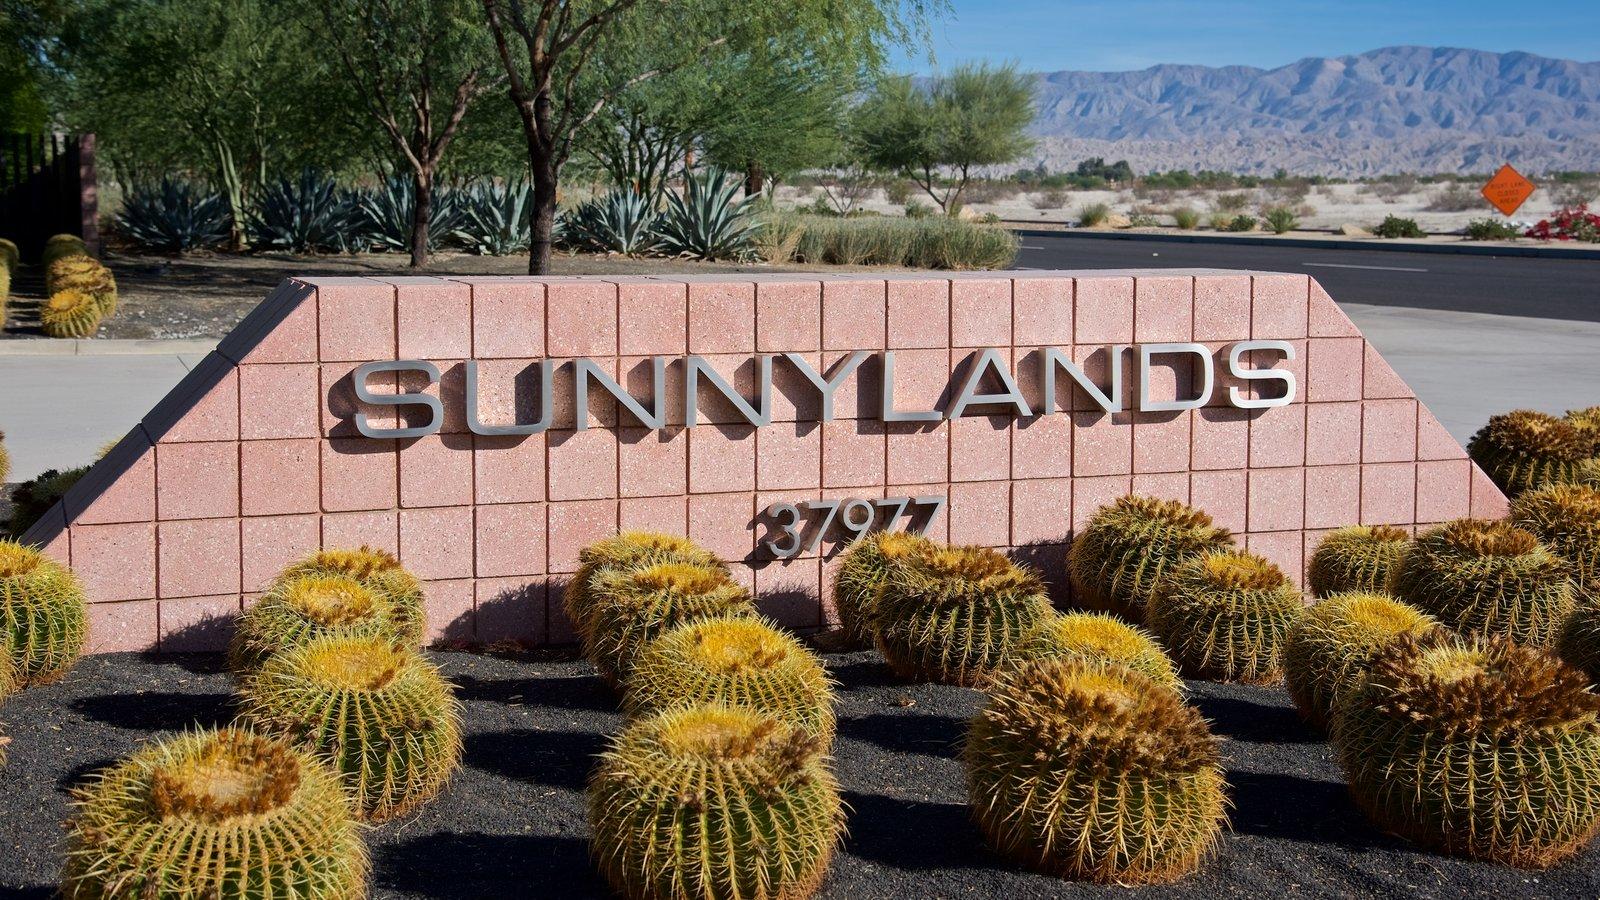 Centro Sunnylands y jardines que incluye señalización y un jardín